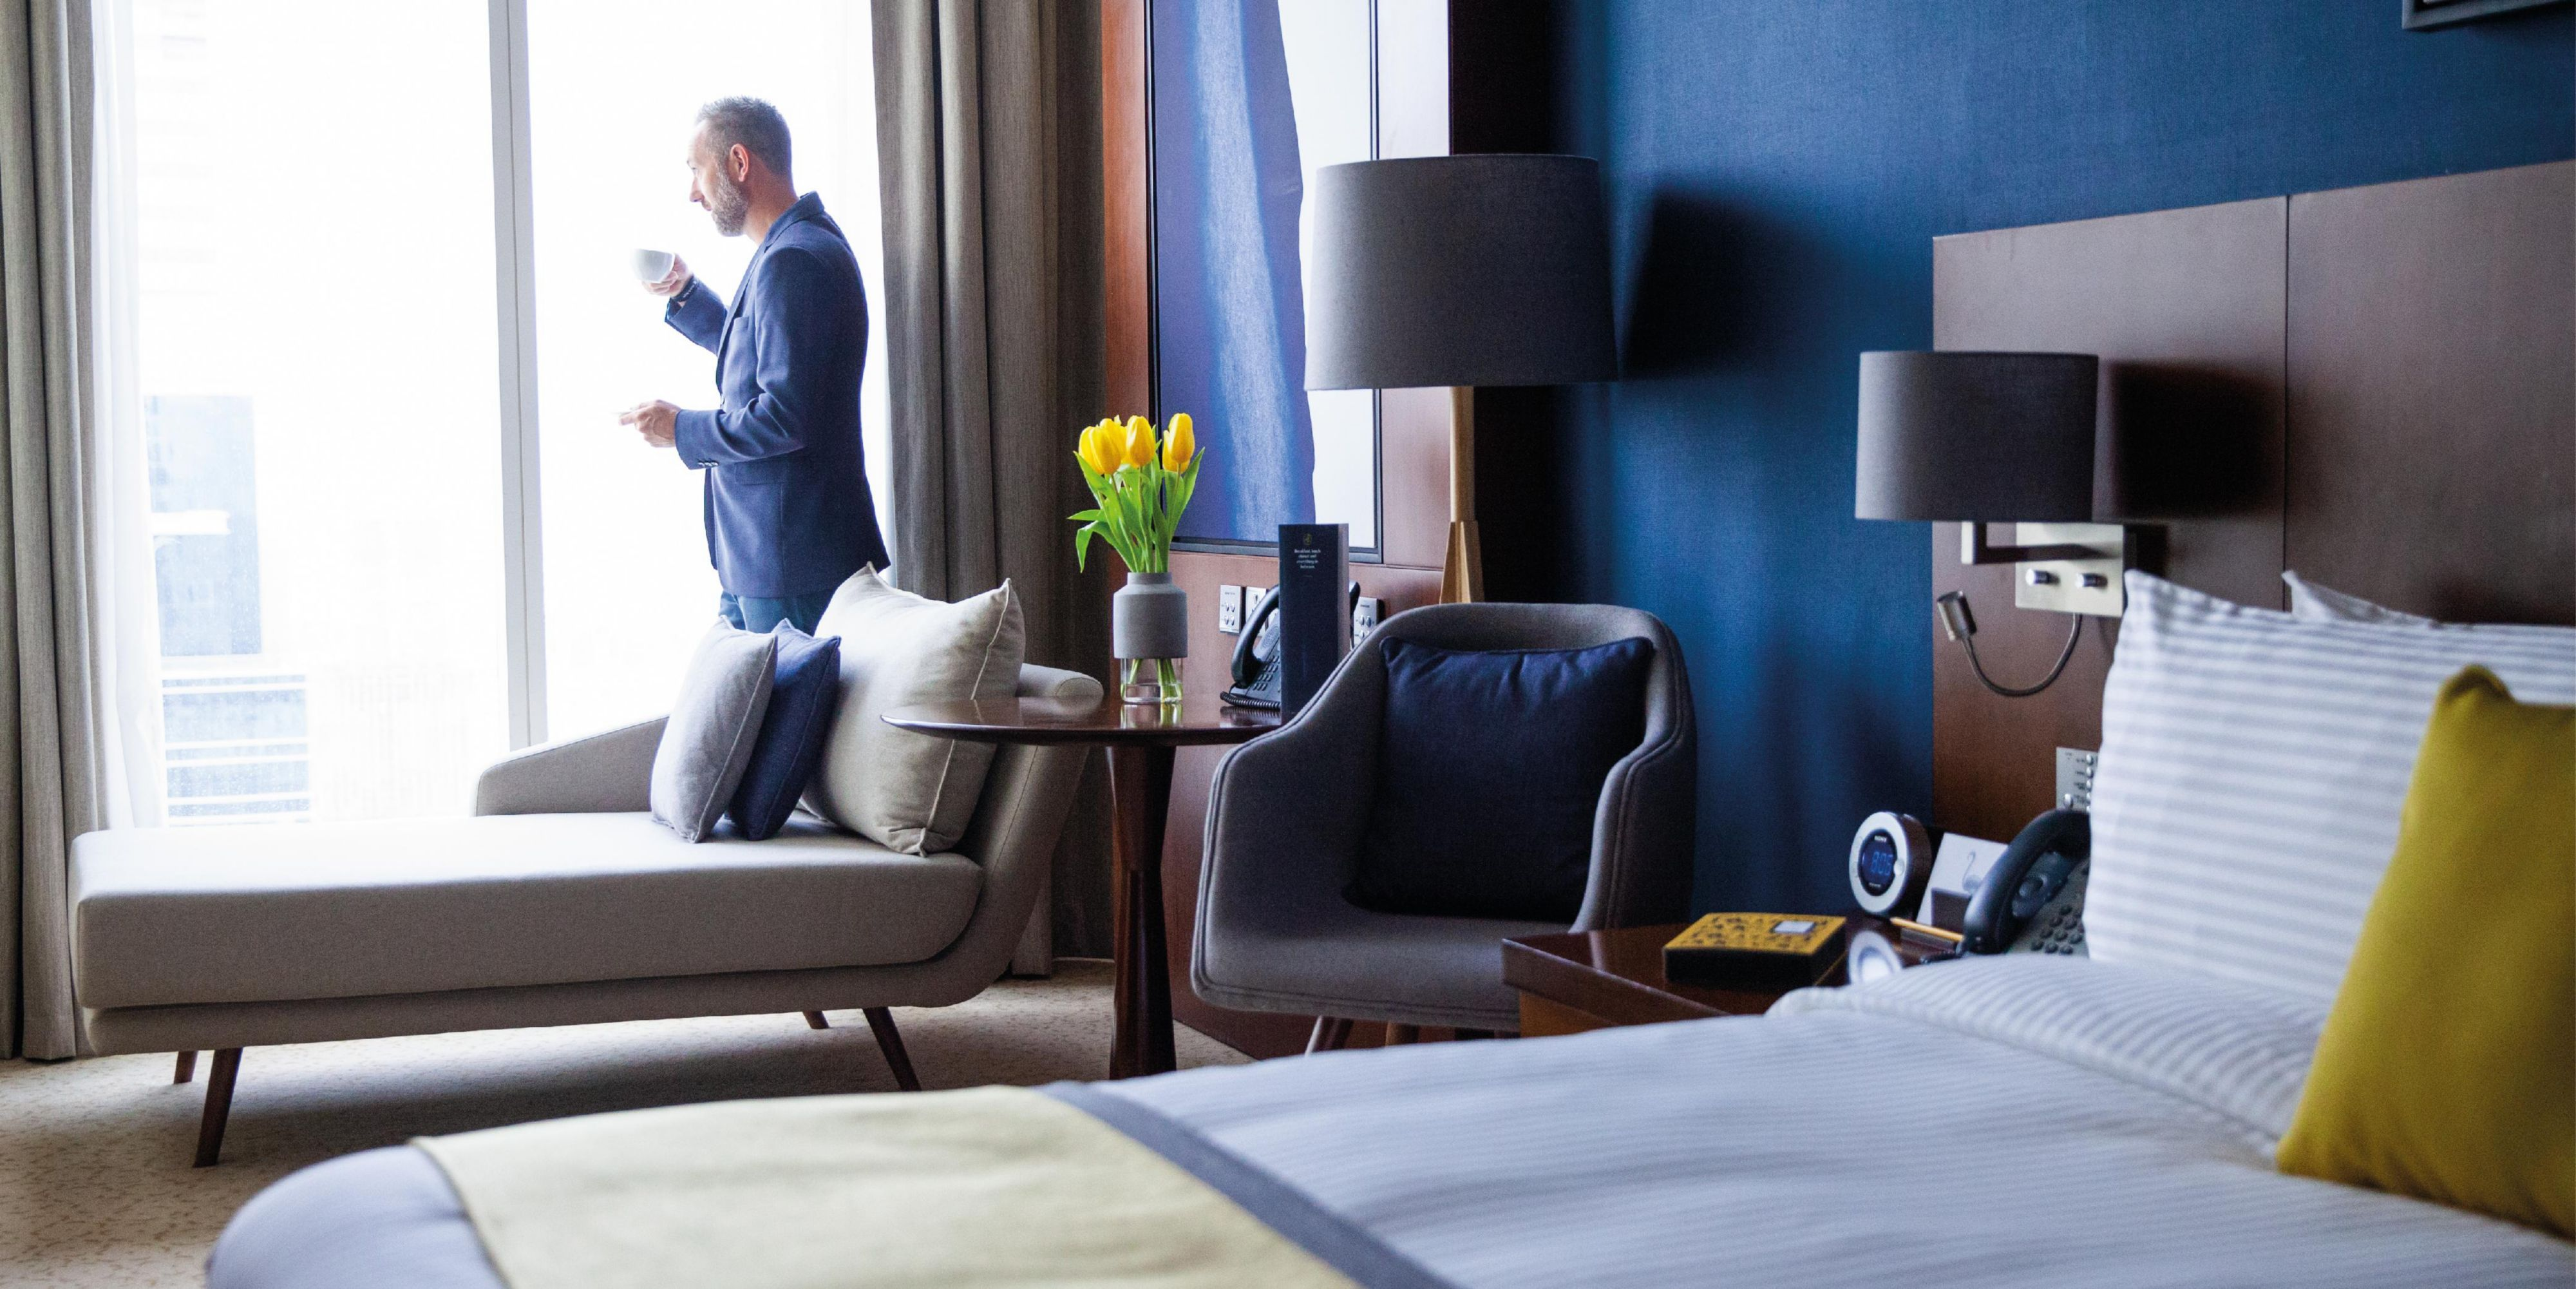 Superior Room, city views of Sheikh Zayed Road, Dubai